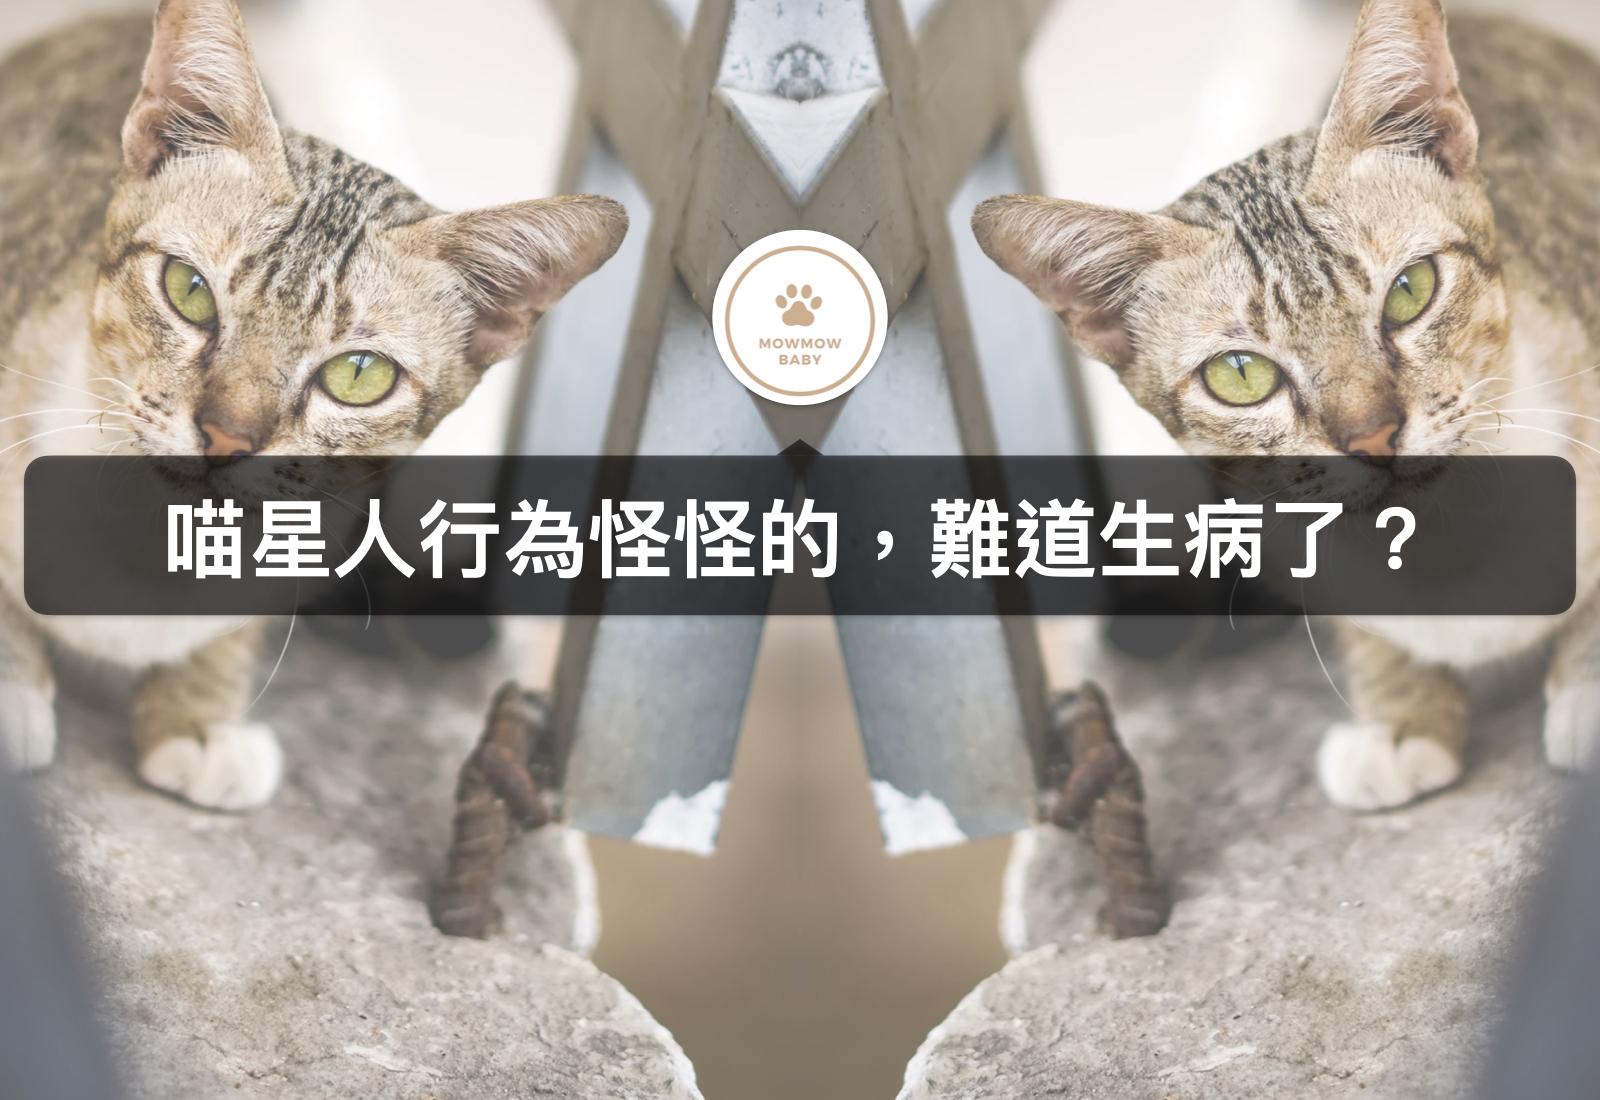 貓咪健康|貓是生病了嗎?飼養貓要注意的事項有哪些